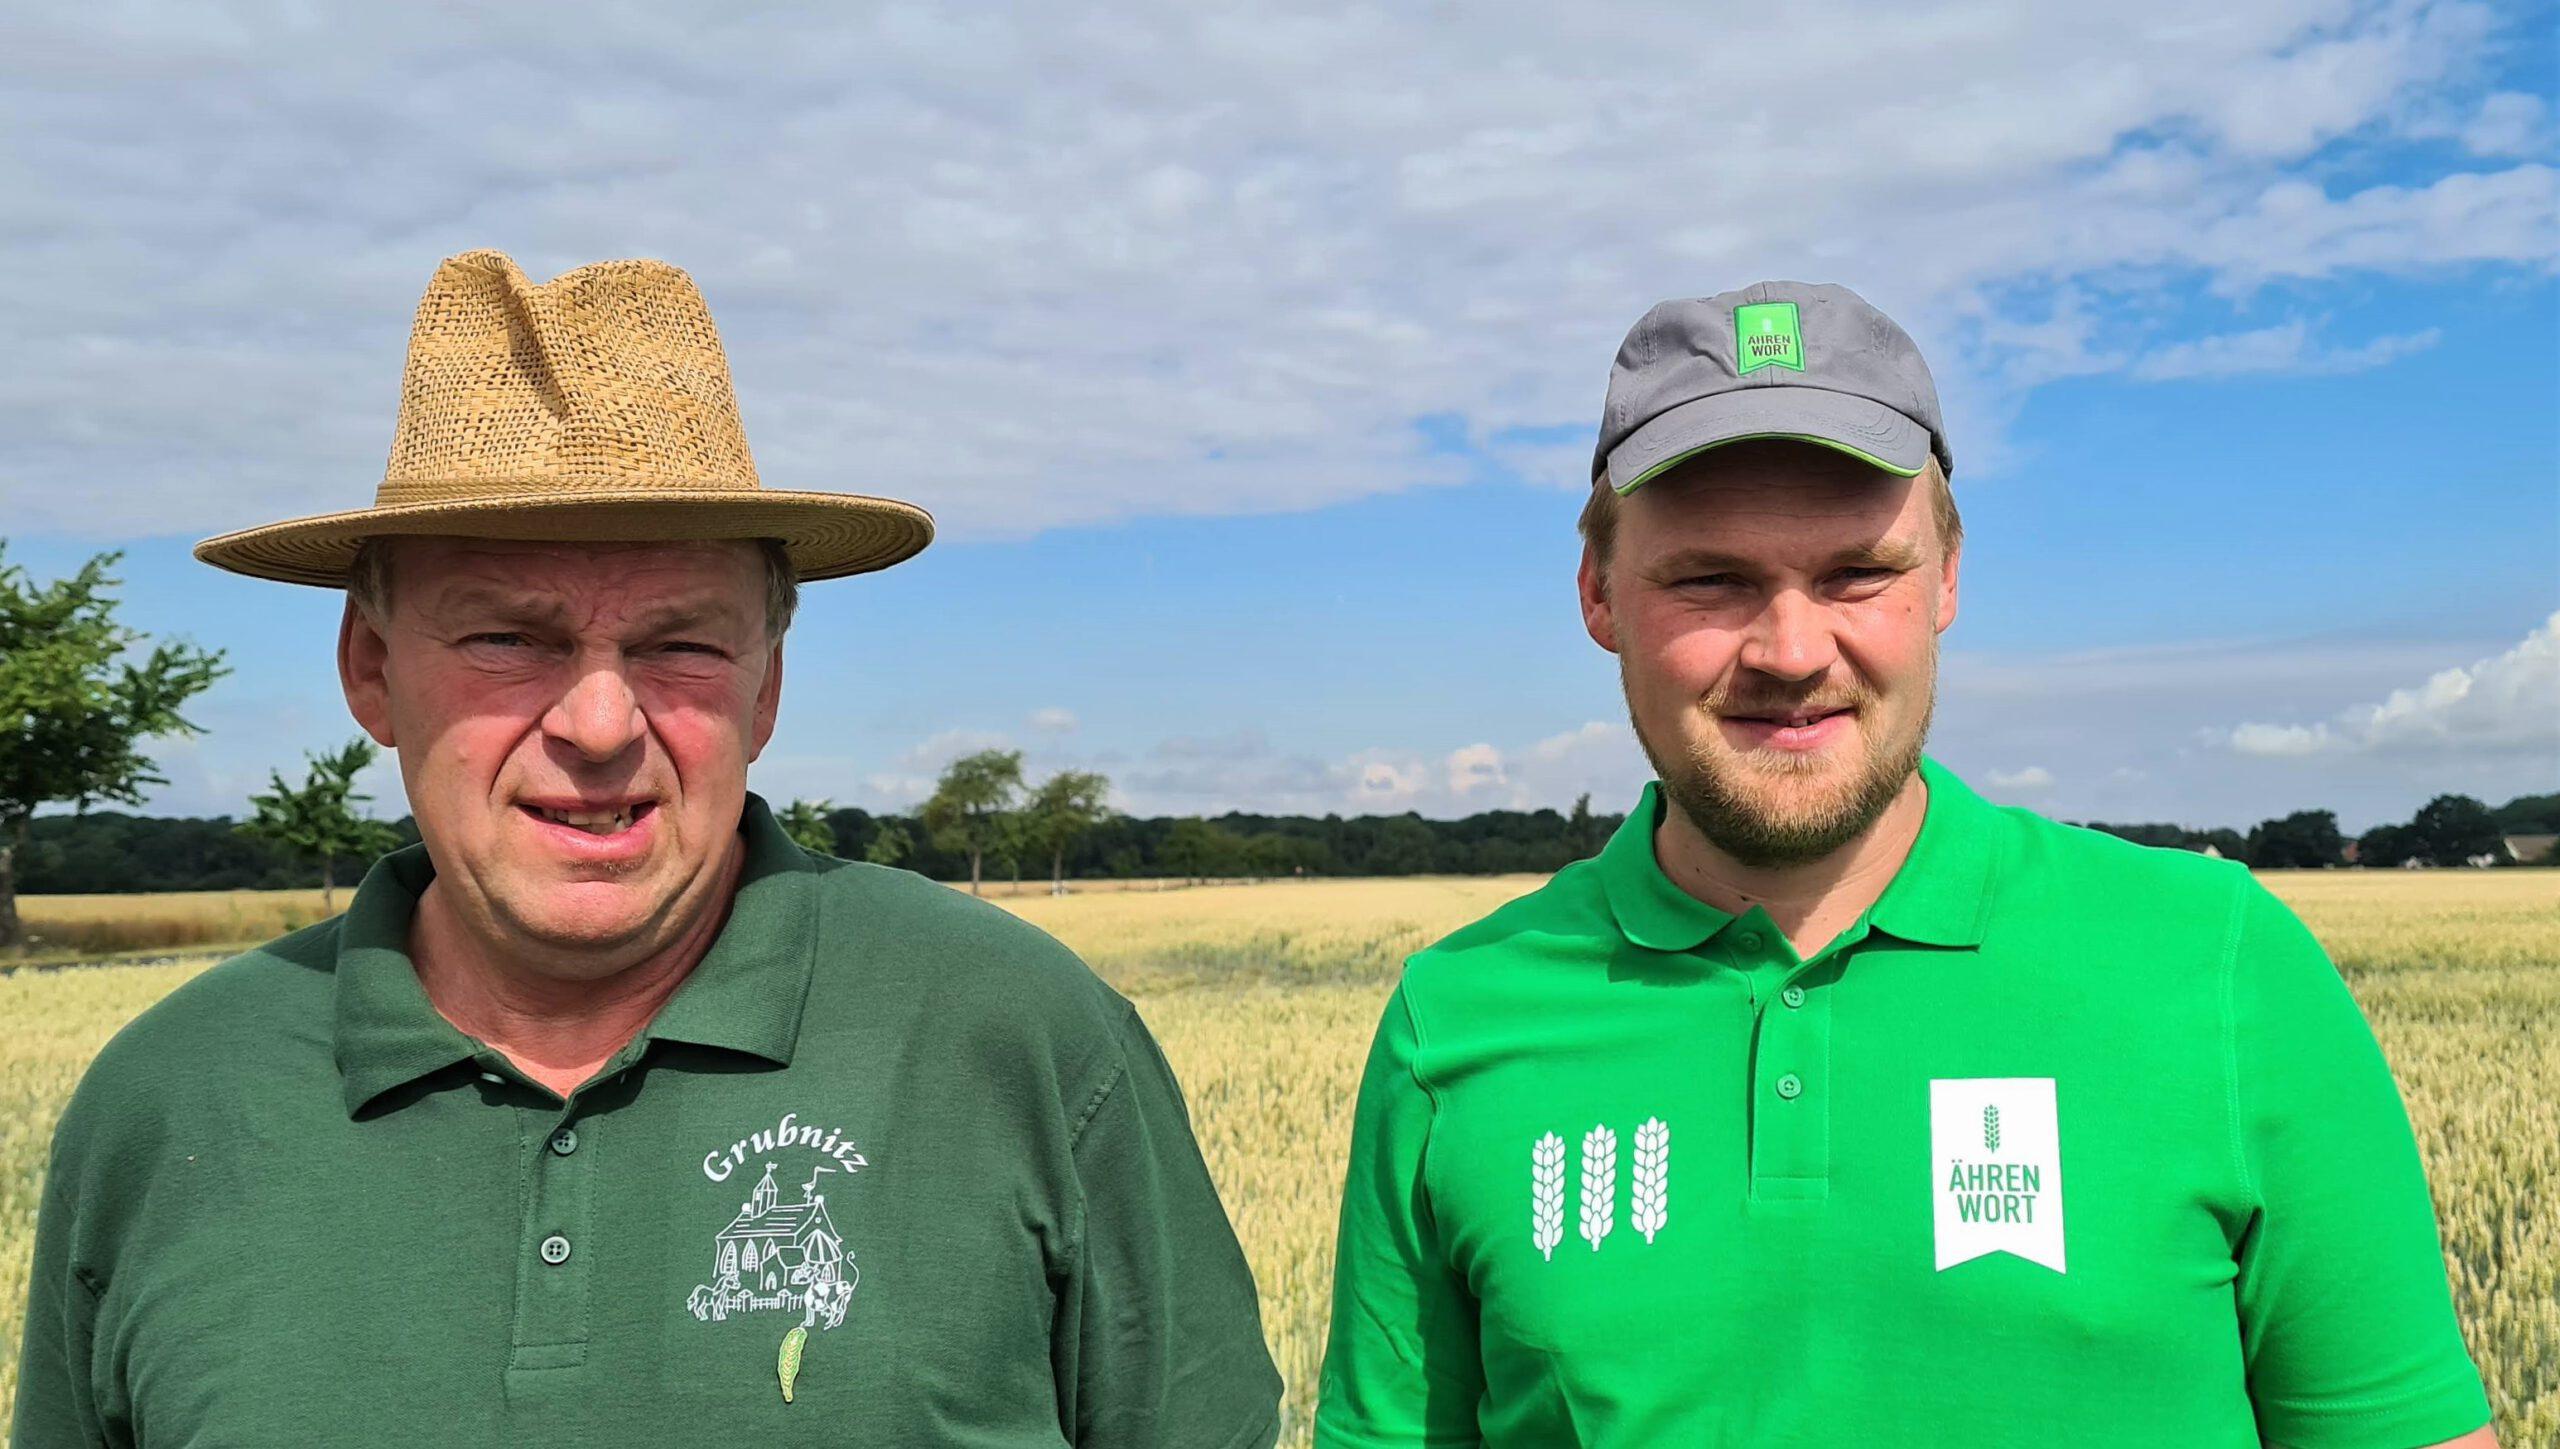 Hartmut Gödicke und sein Sohn Stefan - Landwirte aus Leidenschaft.